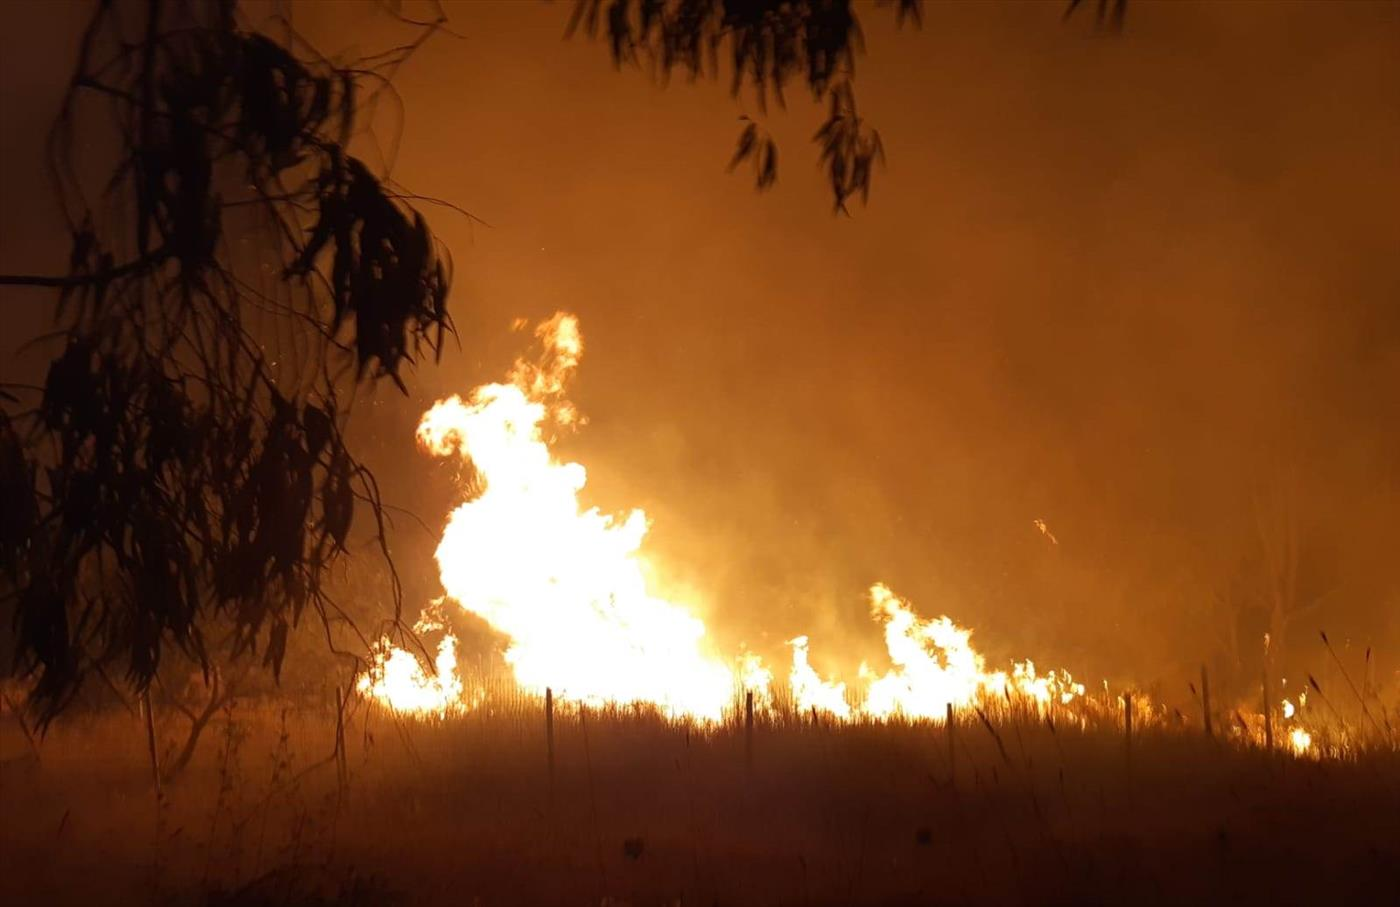 שריפה הלילה סמוך לאלעד (צילום: כבאות והצלה)